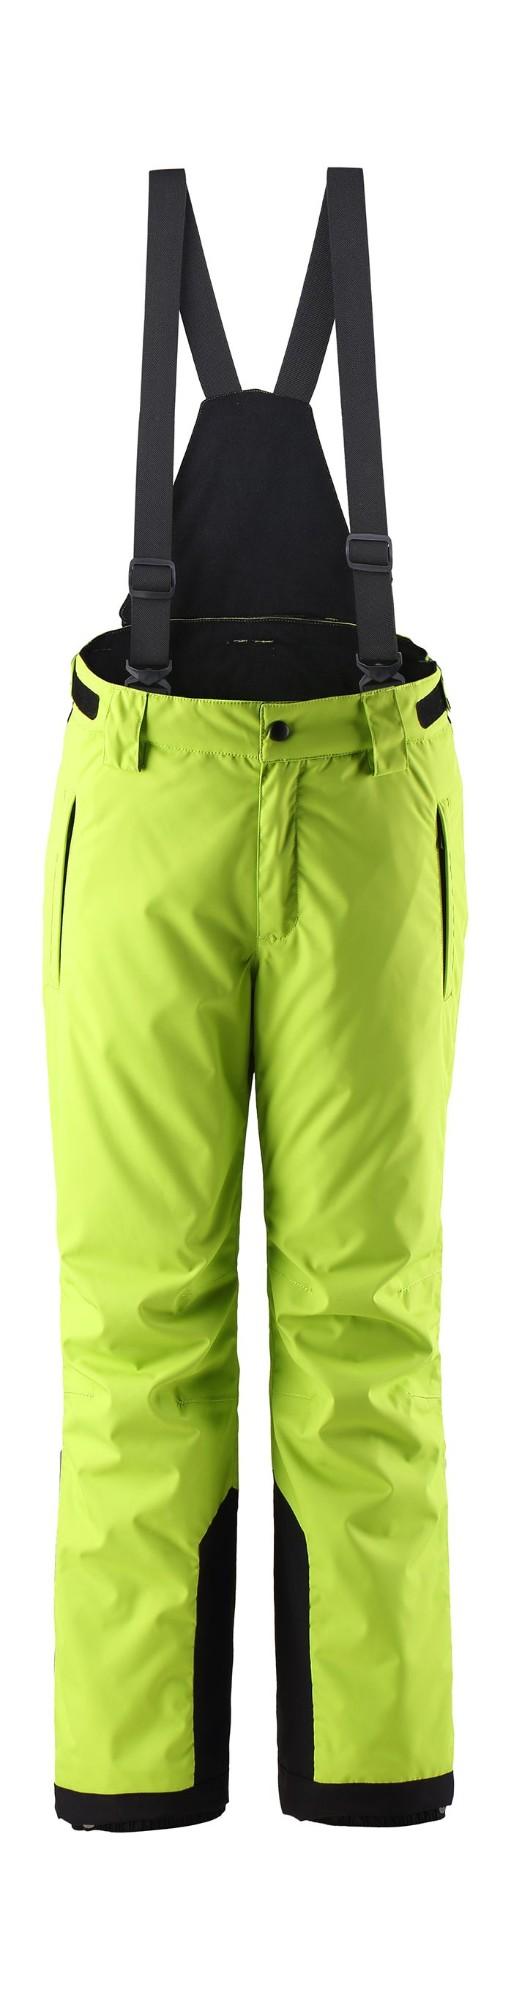 REIMA Wingon Lime Green 152